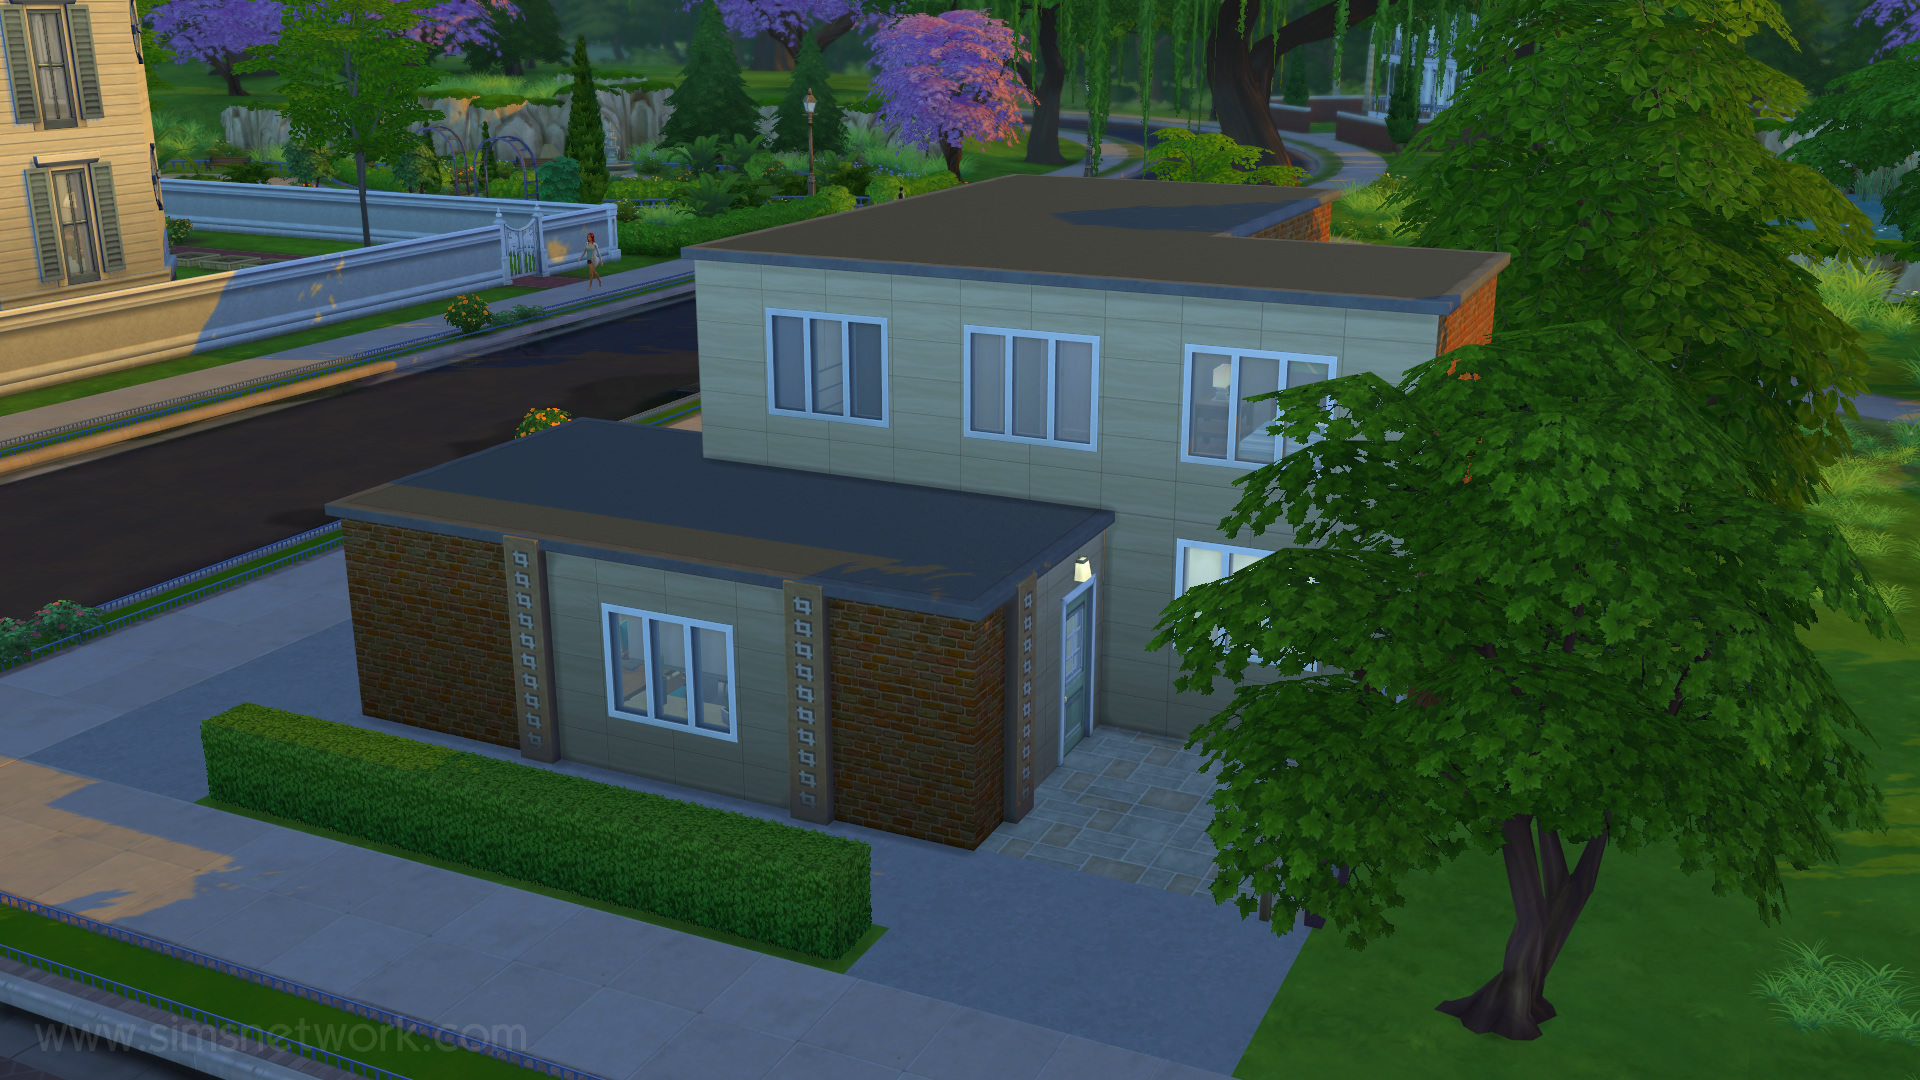 Mijn real life huis in de sims 4 snw for Huizen ideeen